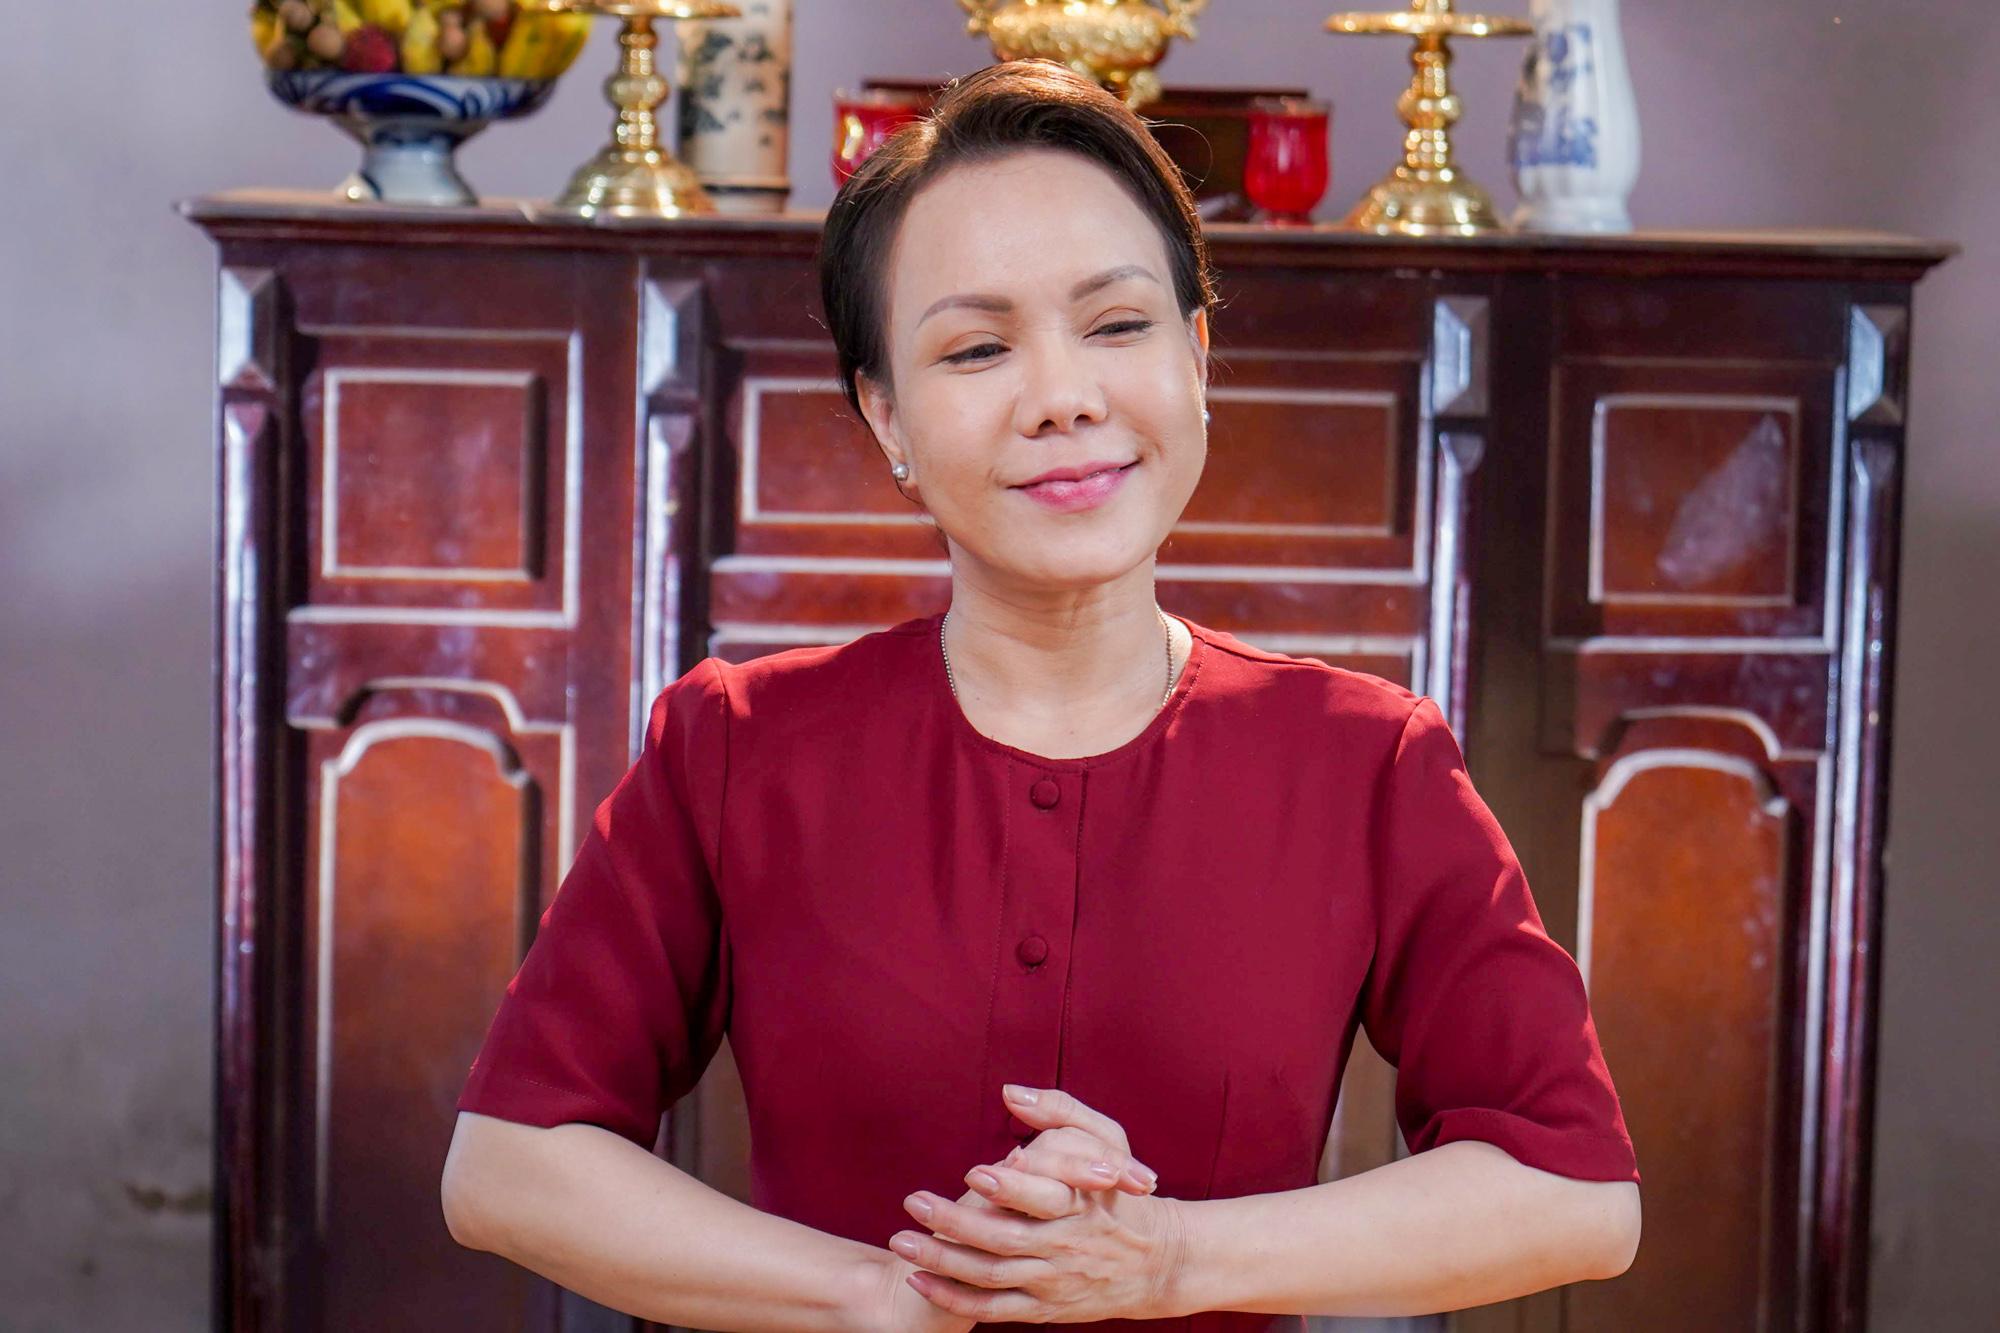 Ngoài Ngọc Trinh và Diệu Nhi, Việt Hương thành 'gái ế' nhiều tuổi trong 'Vu quy đại náo' 6